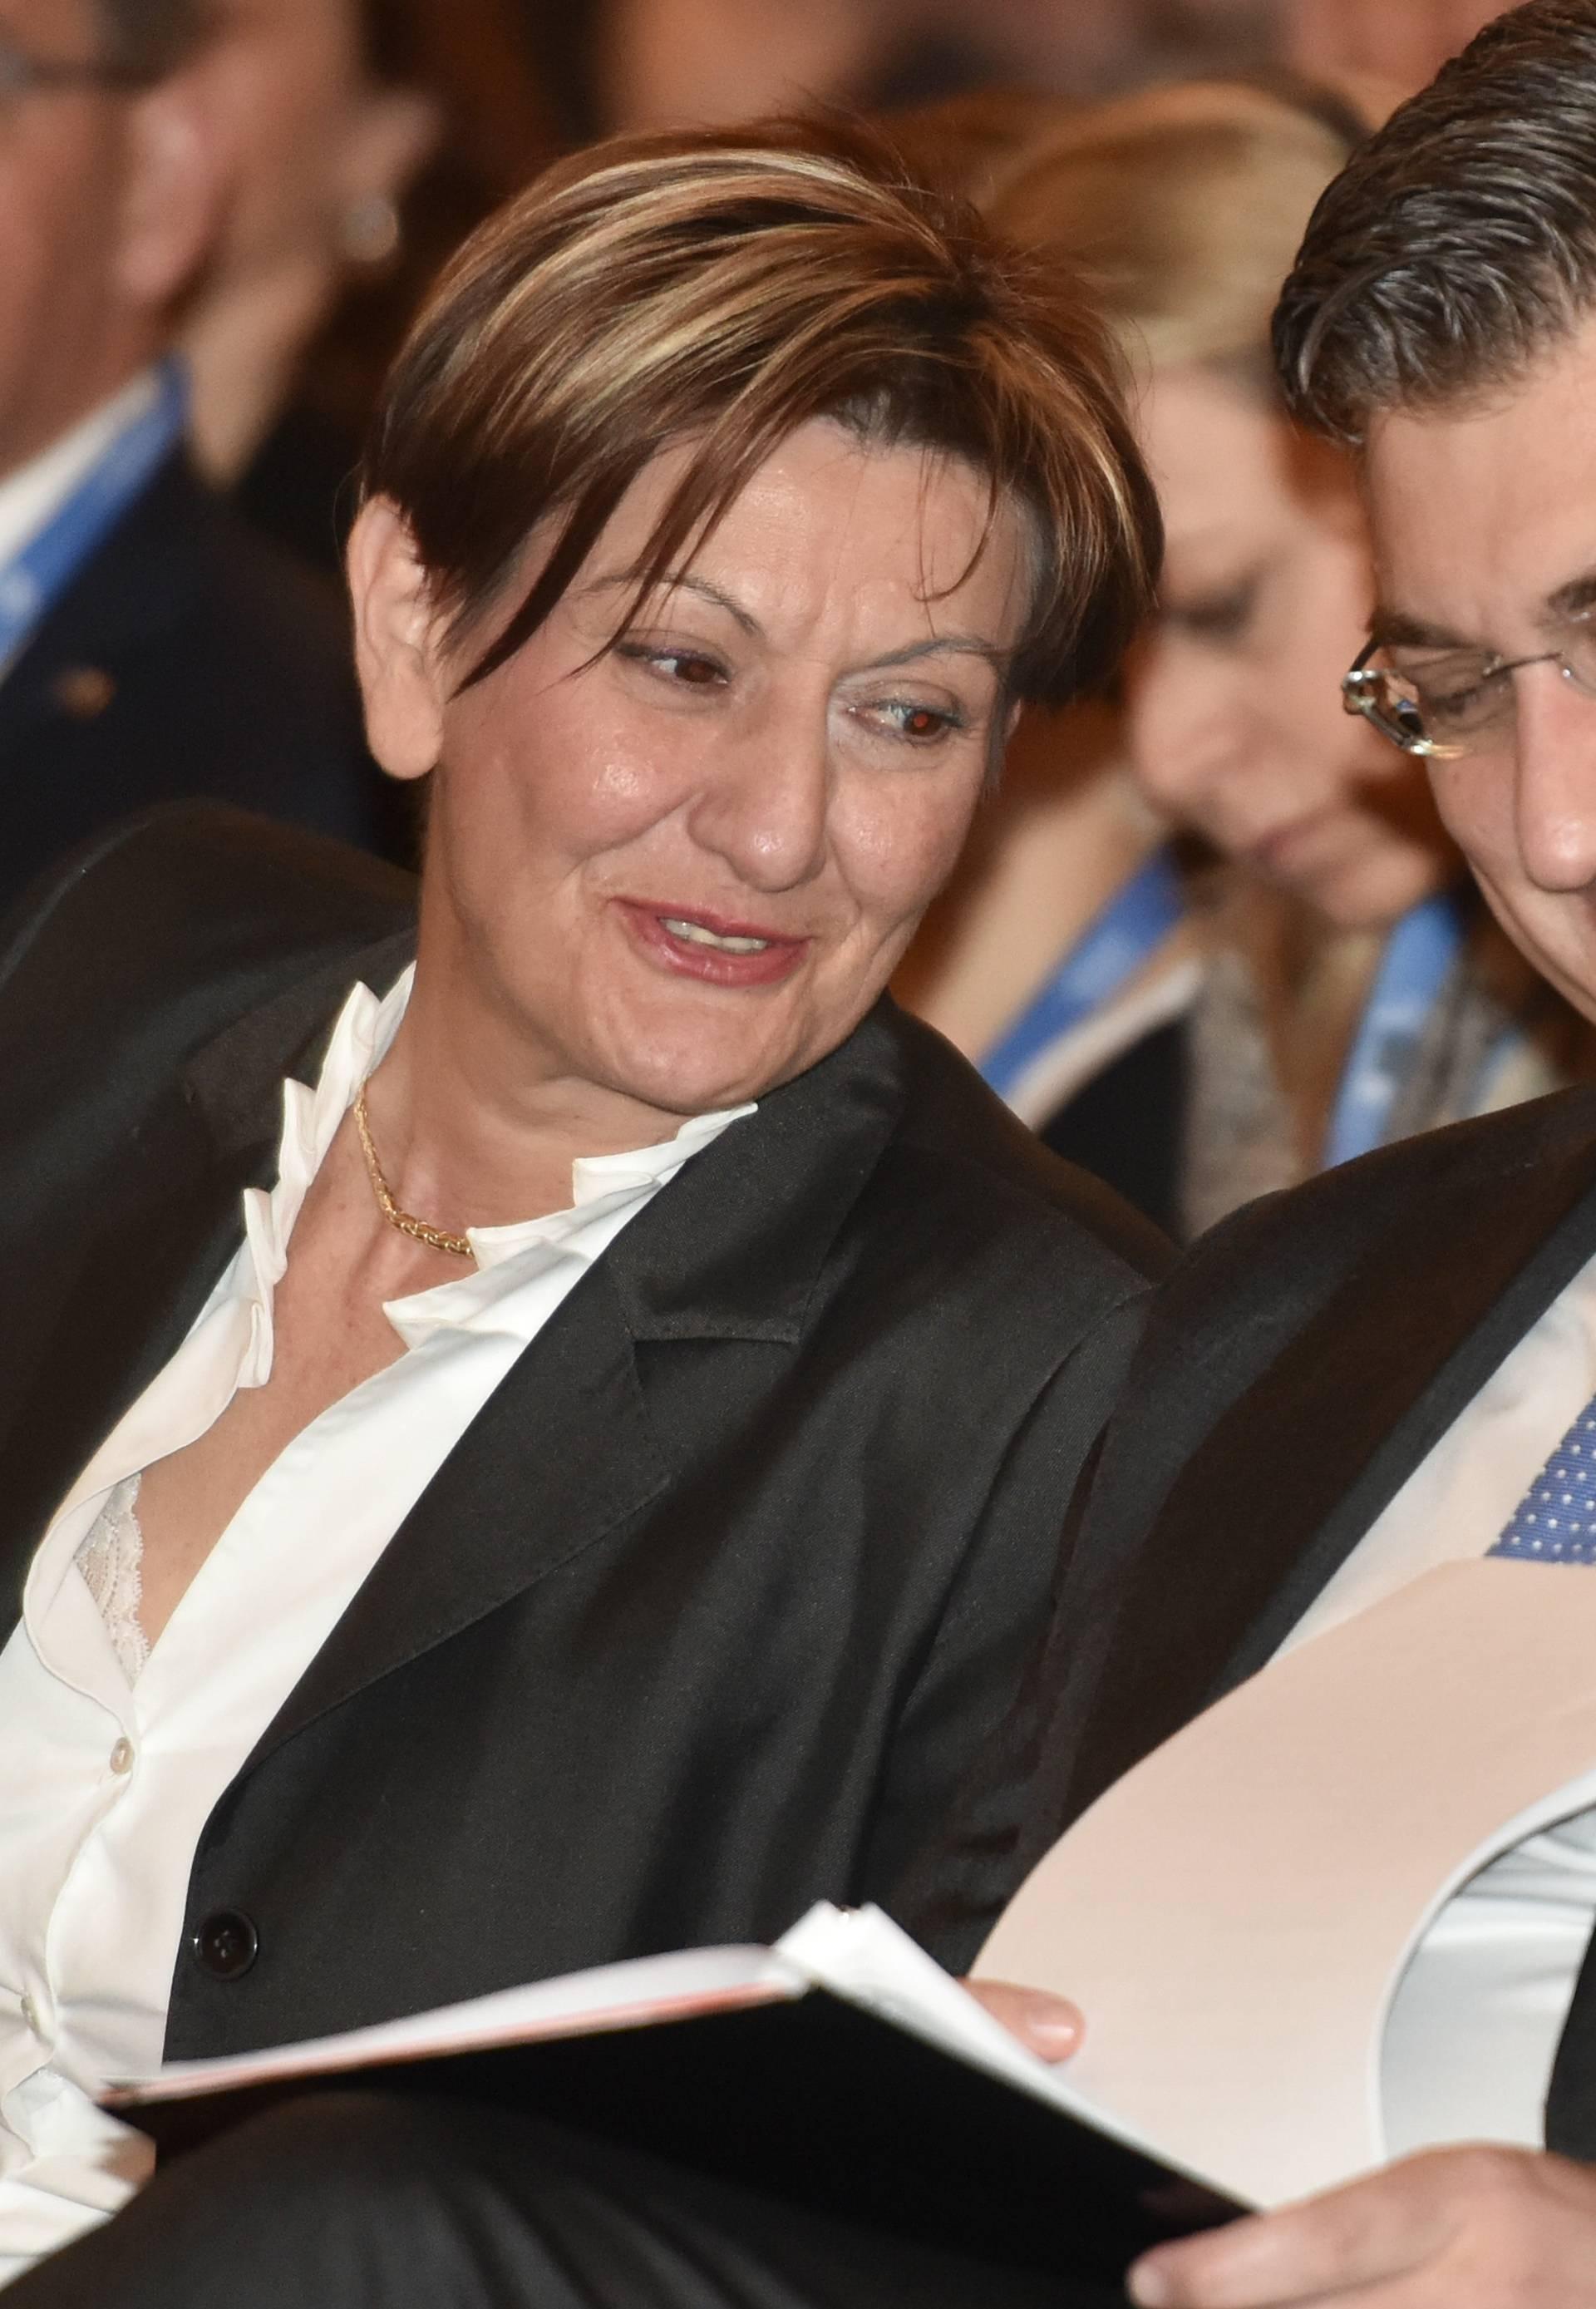 Plenki osniva stožer za spas ekonomije - u njemu i Dalić?